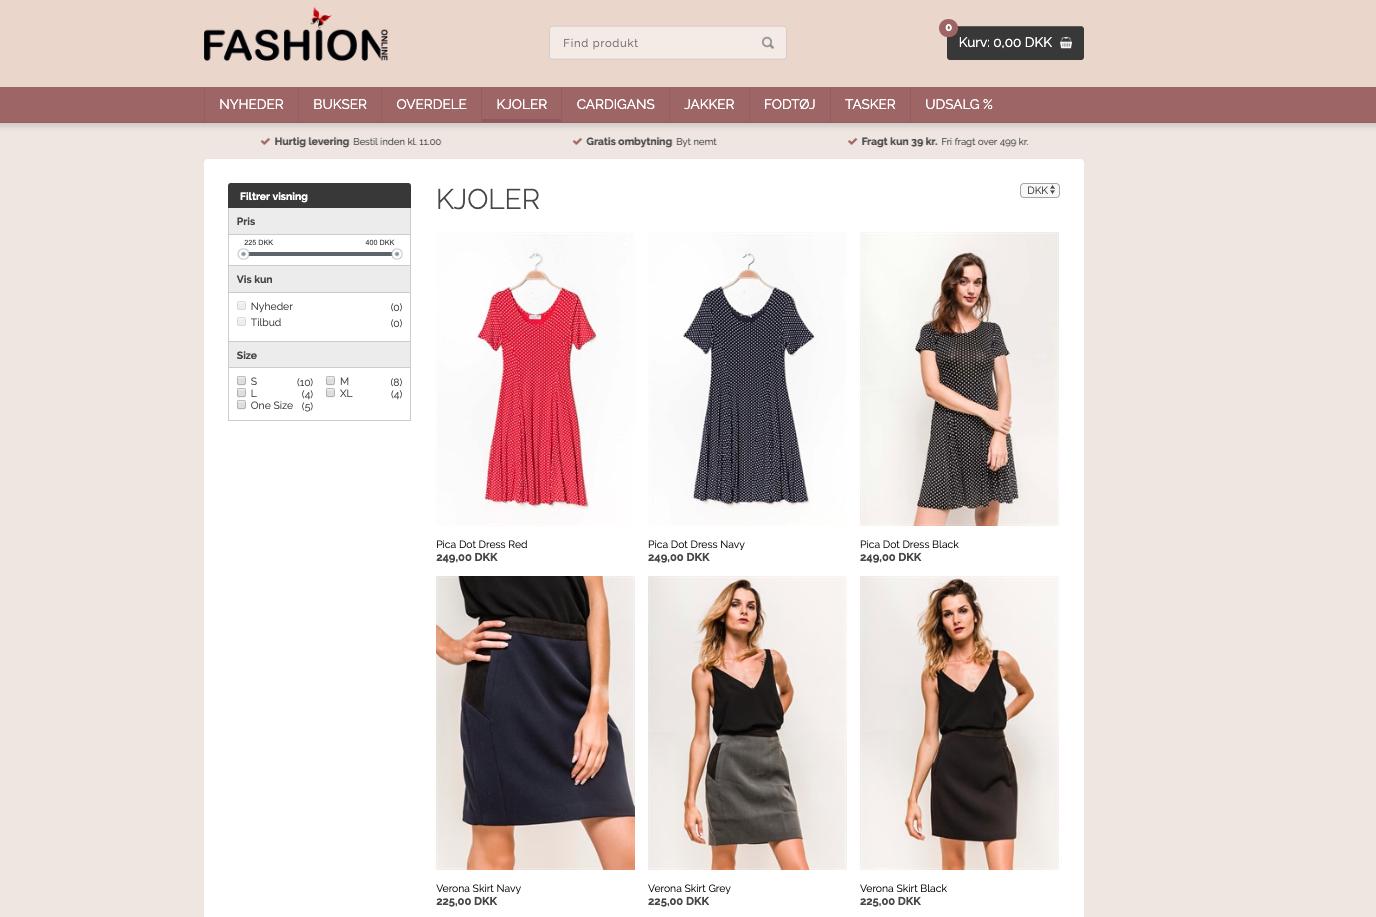 Webshop med kvalitetstøj til den modebevidste kvinde Saxis